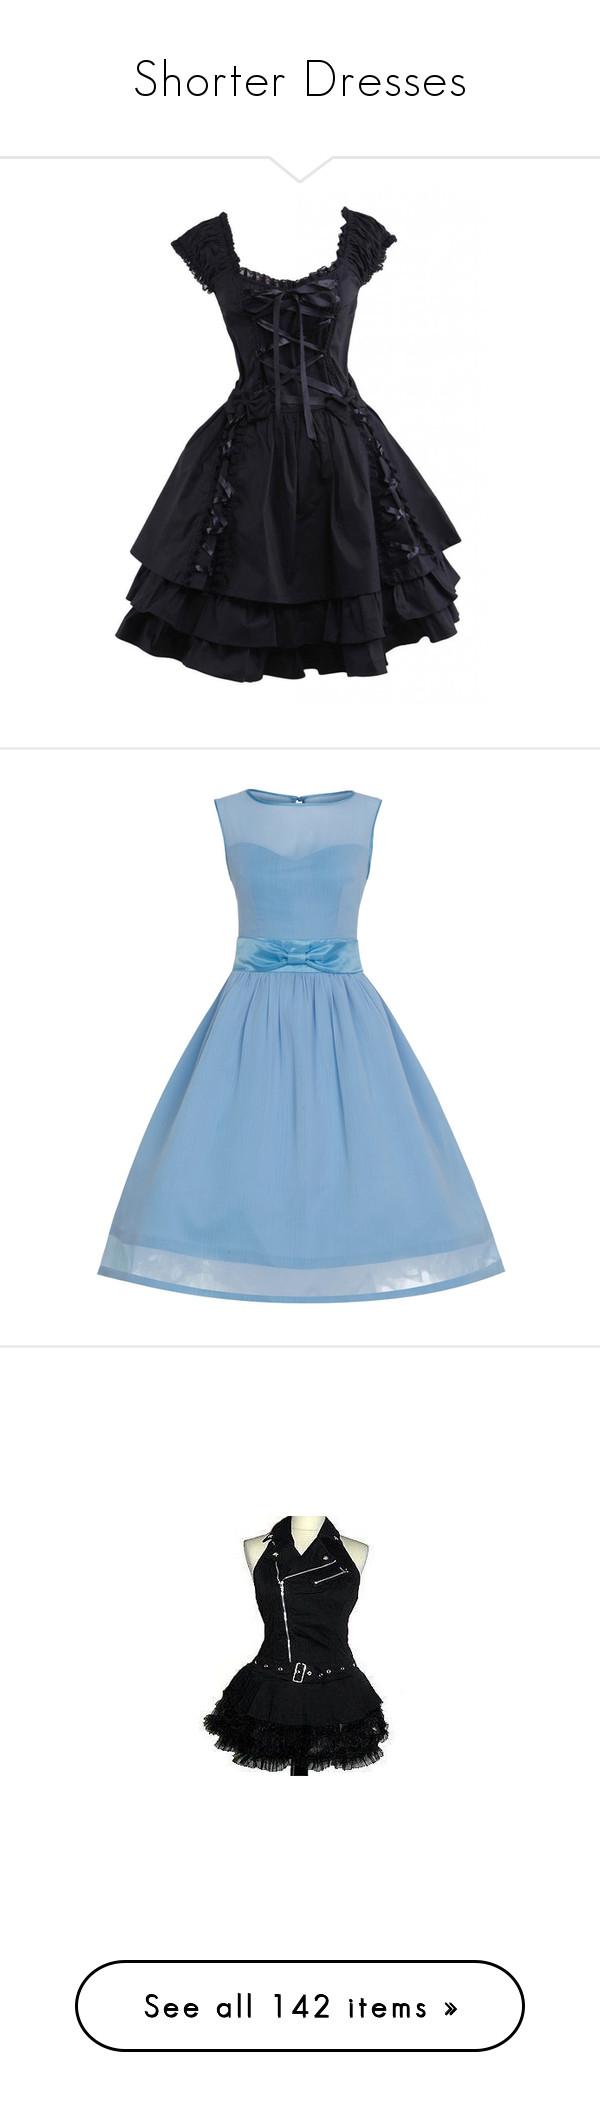 Shorter Dresses\